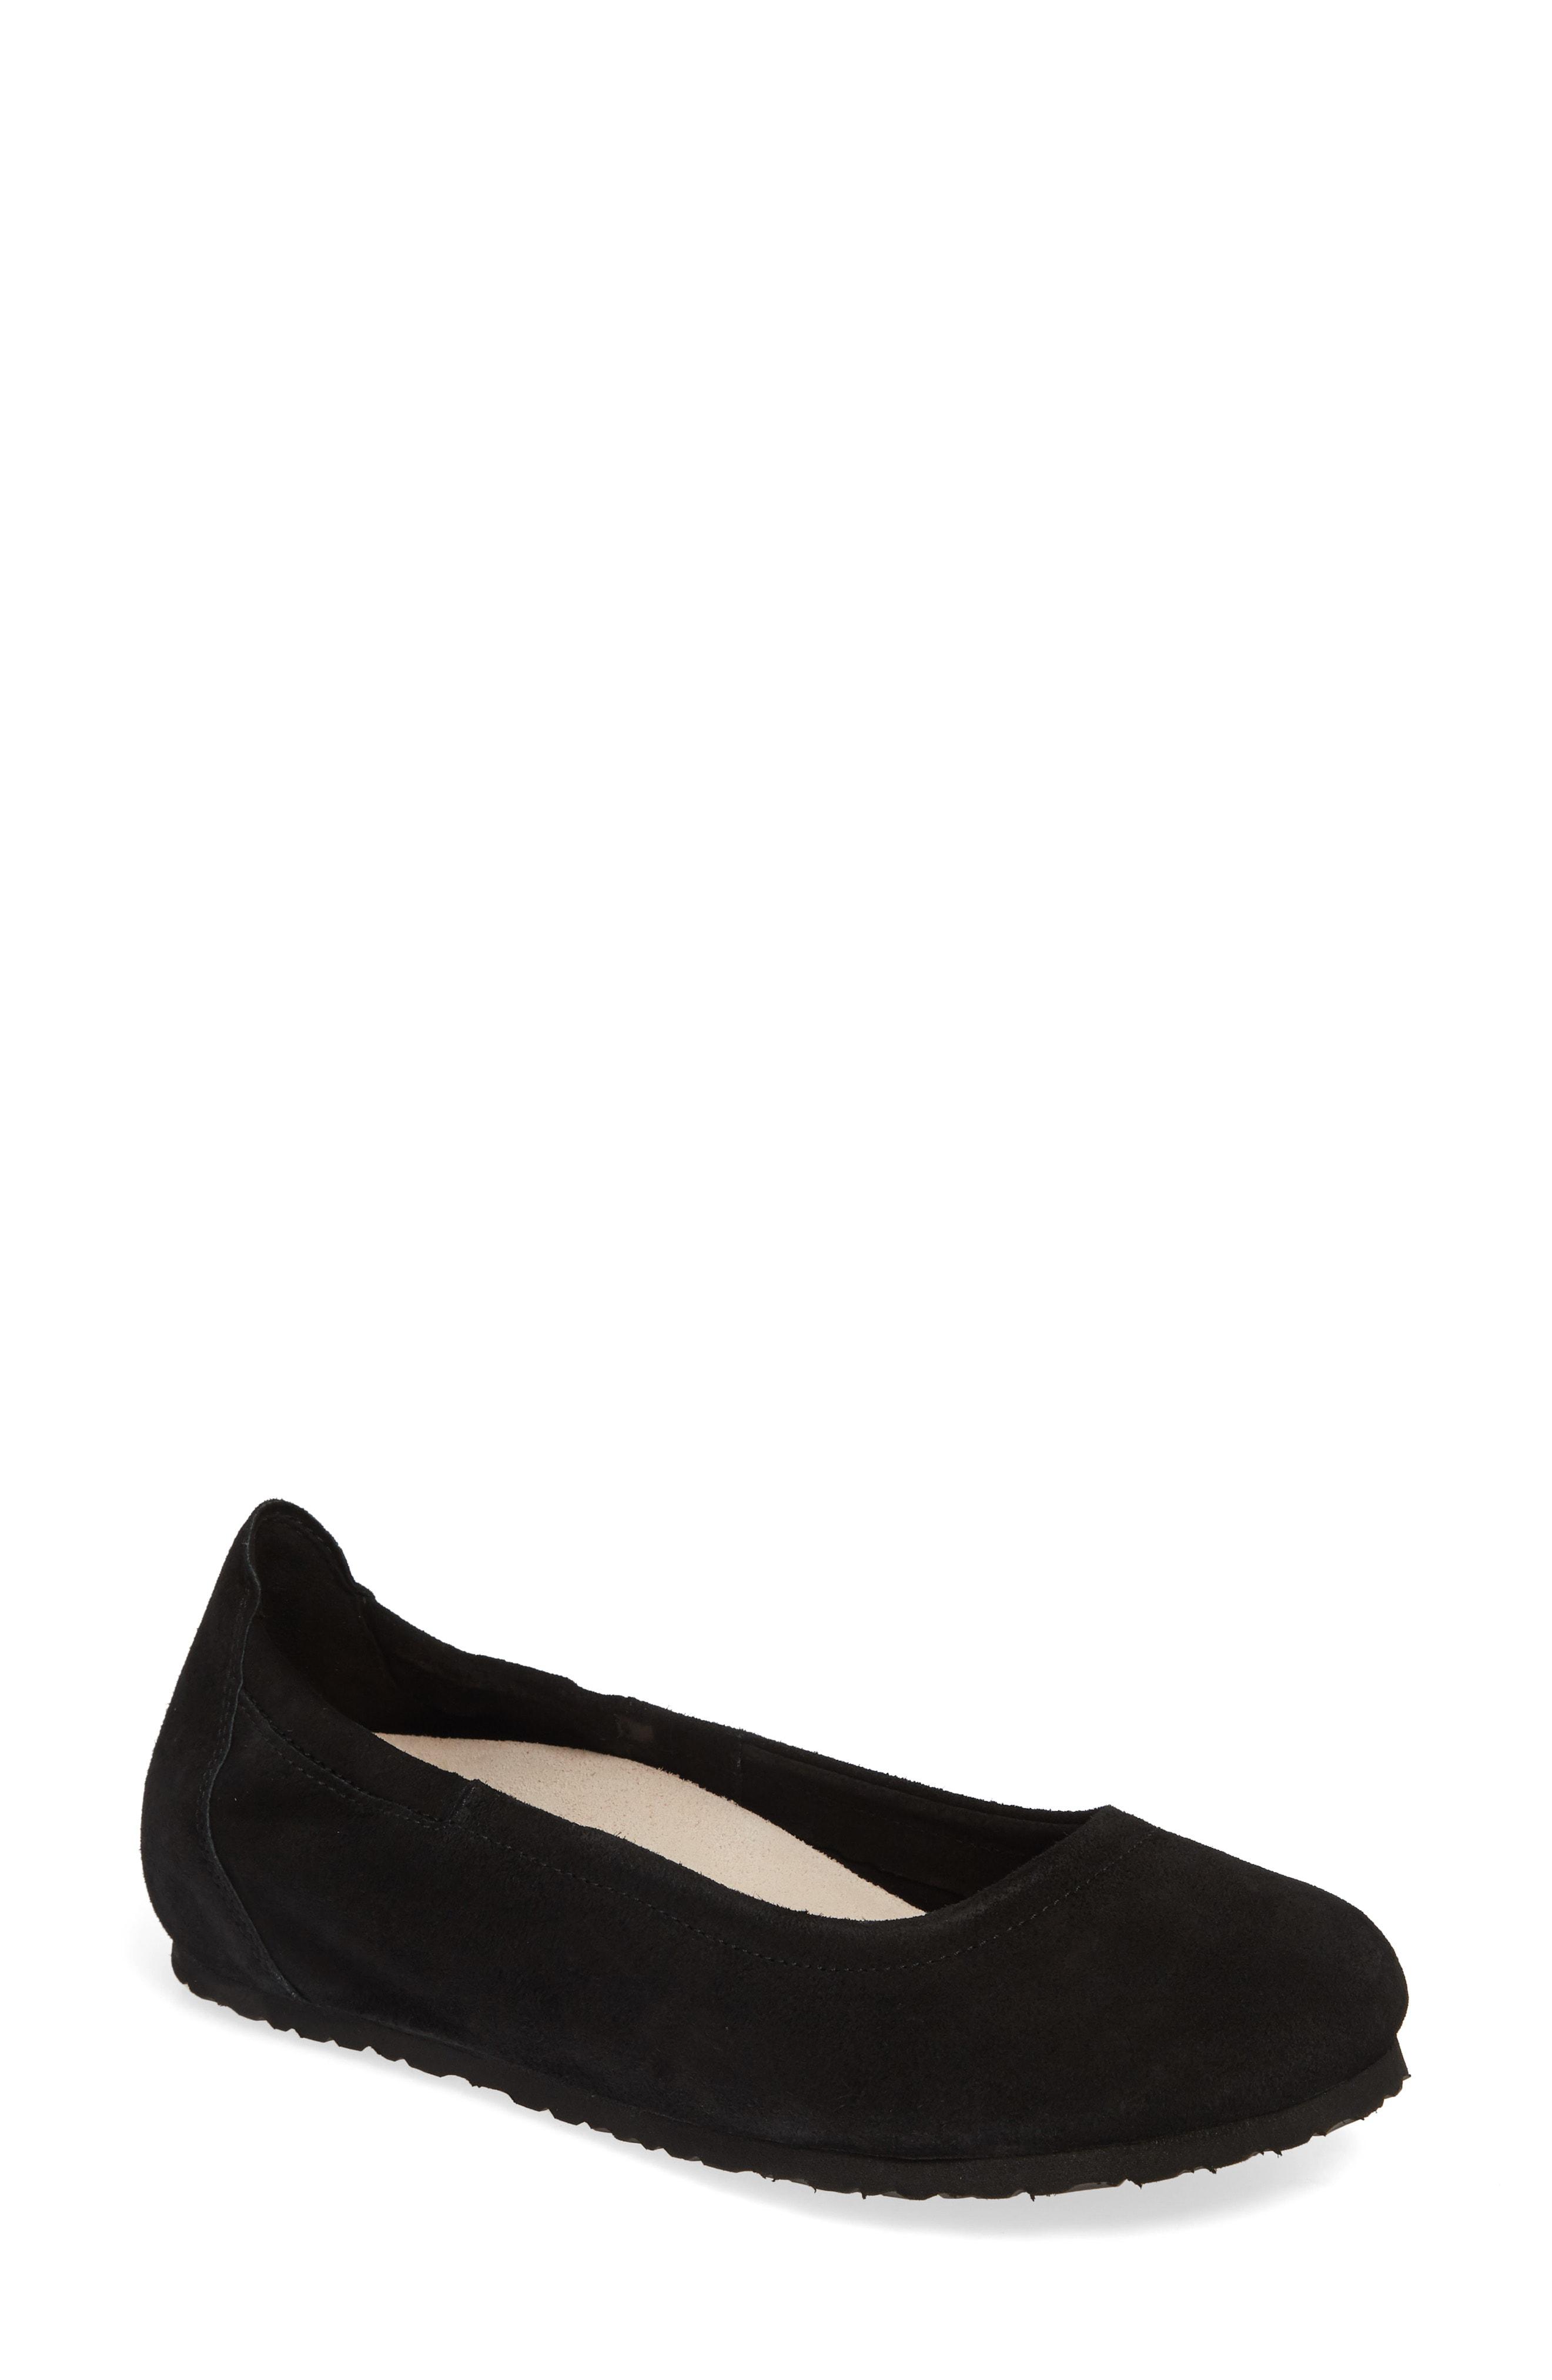 Birkenstock Celina Ii Ballet Flat In Black Suede  8fd00de85c1